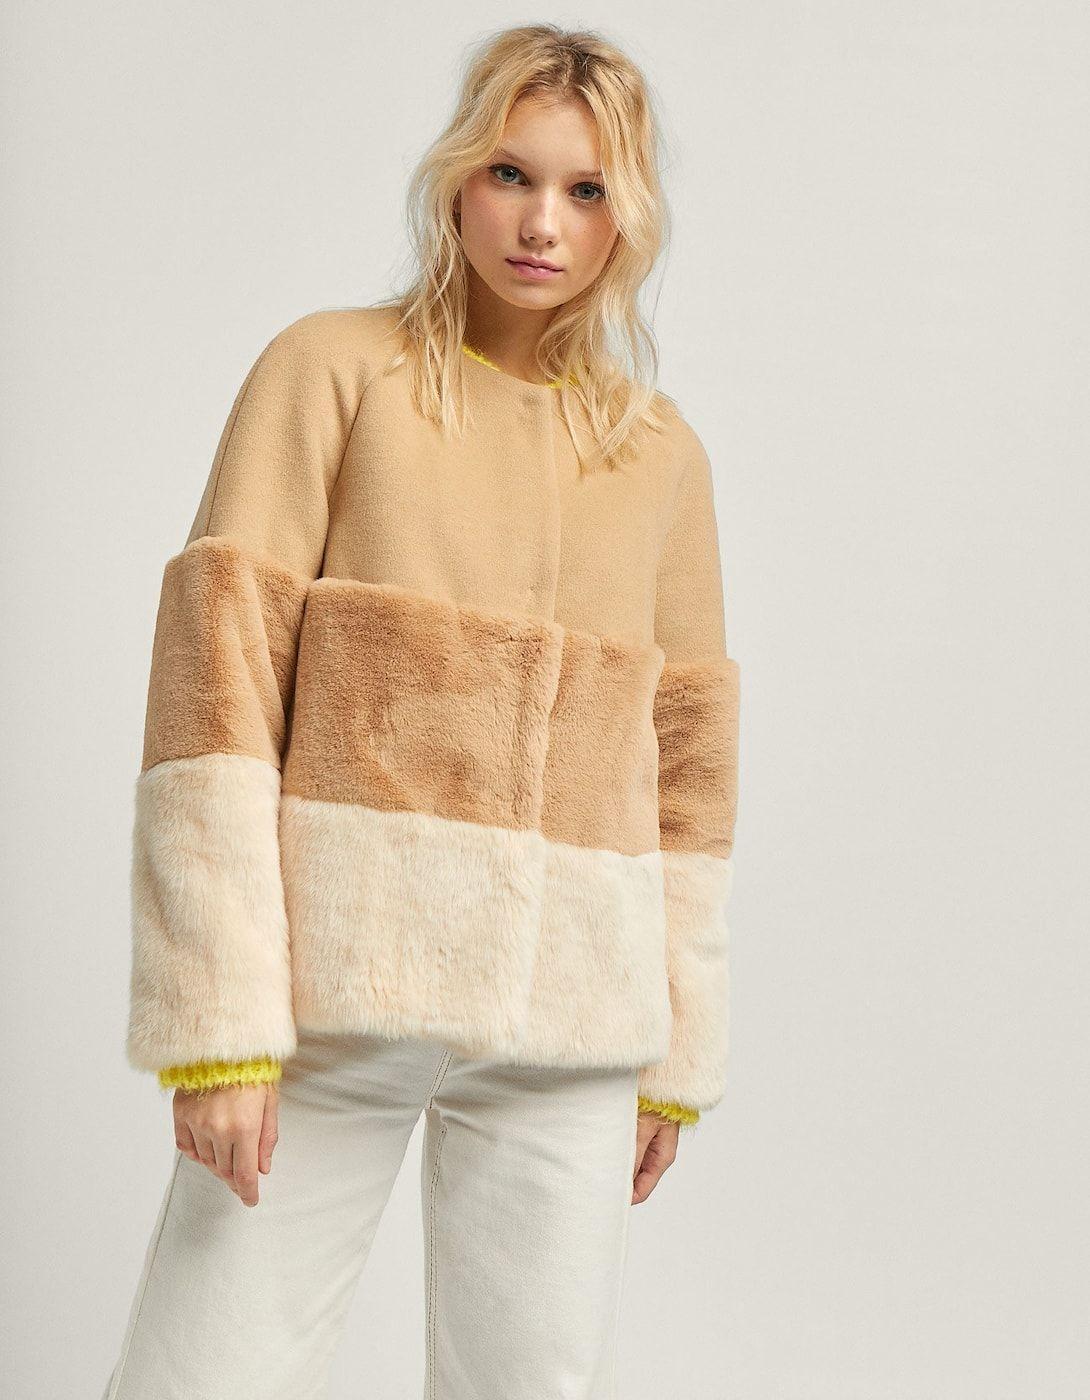 Detalles de ZARA KNIT Chaqueta de lana crema beige estampado de pata de gallo look casual